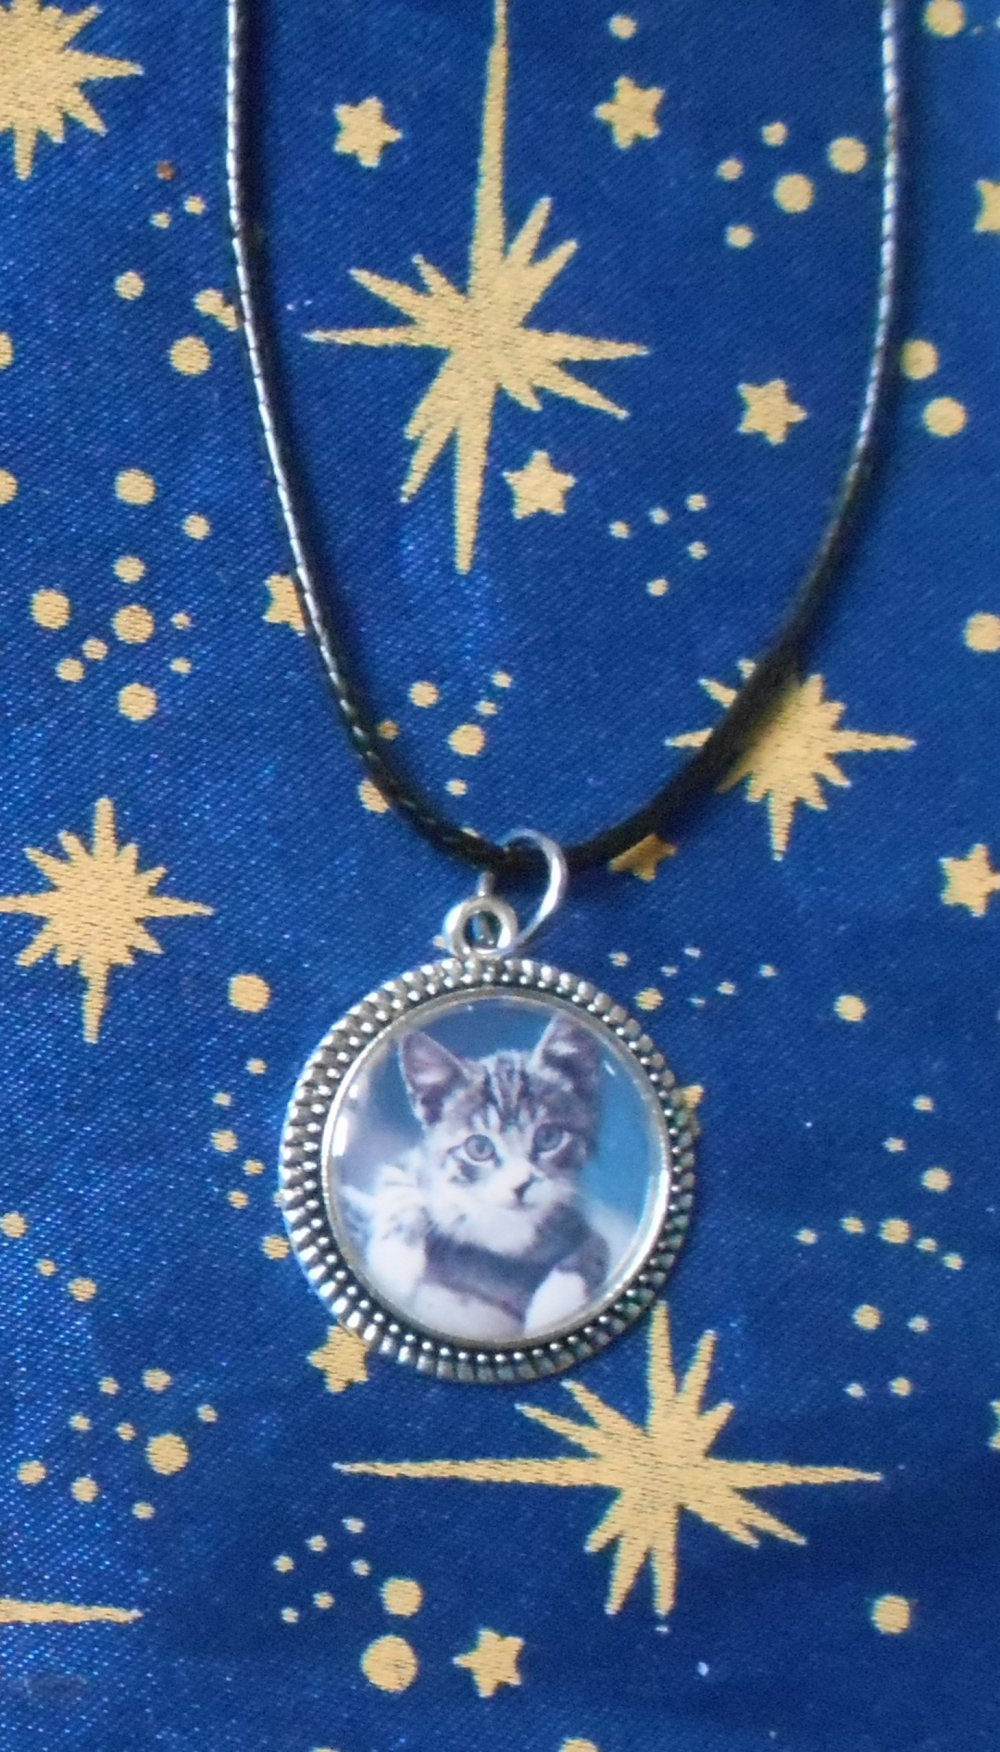 Médaillon en alliage argent/étain avec dot's image chat blanc et gris sur fonds bleu de 20mm de diamètre.